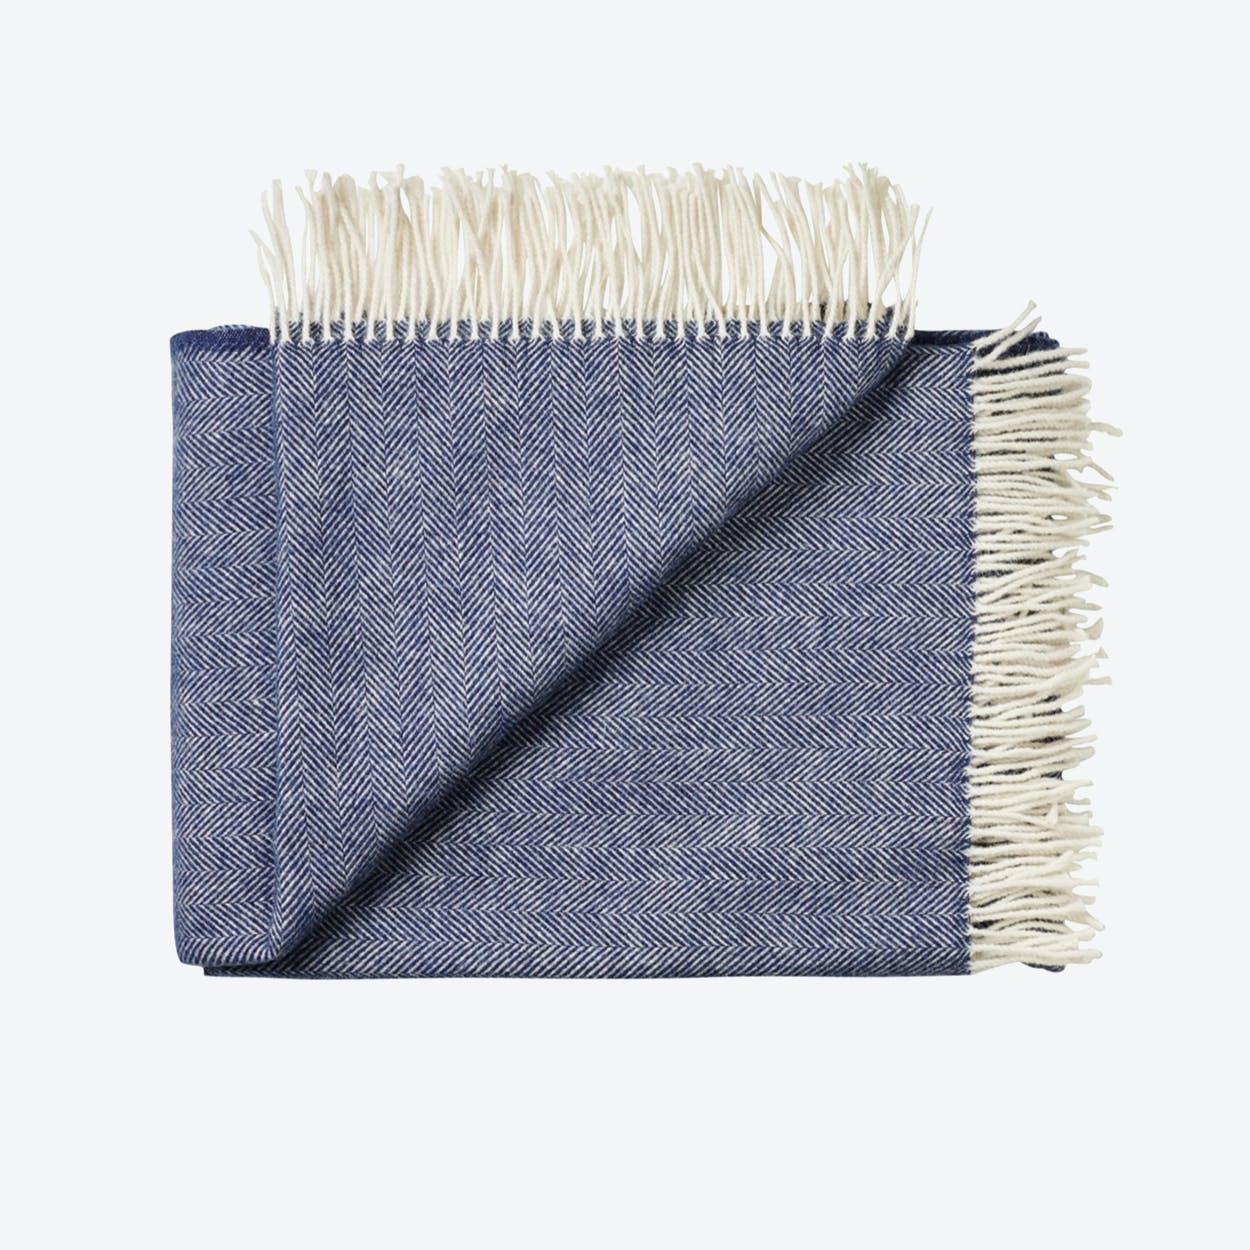 Sevilia Alpaca/Wool Throw in Navy-Blue, Herringbone